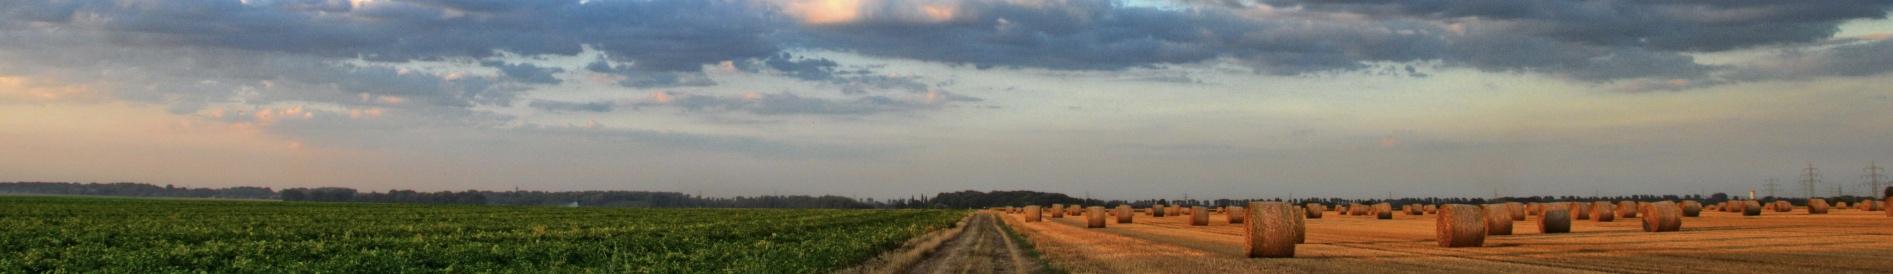 Boutique agricole